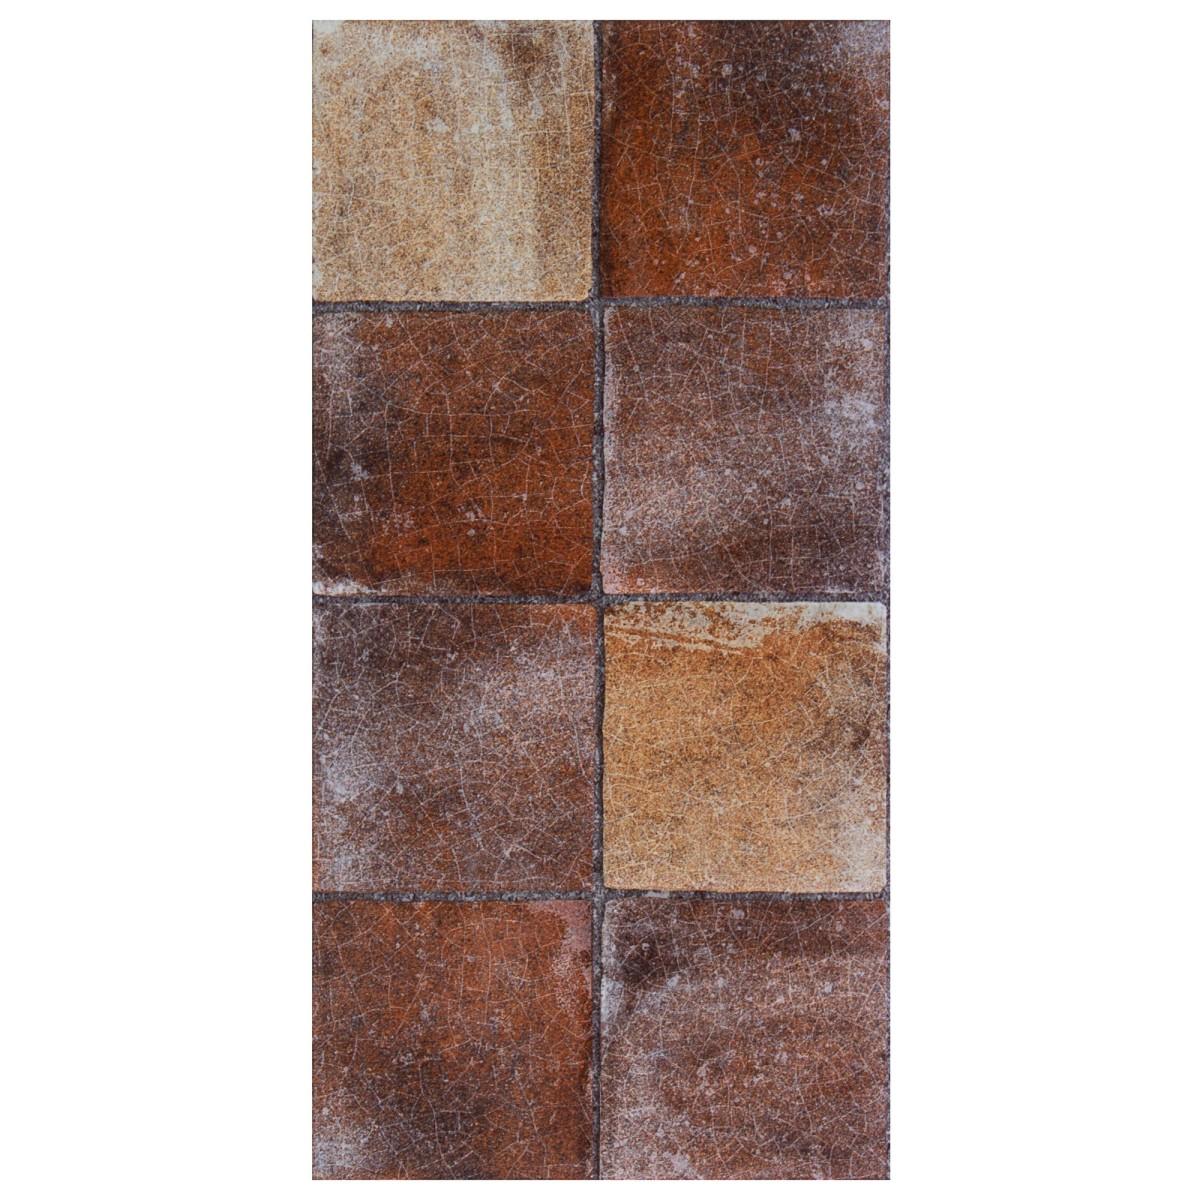 Плитка наcтенная Лофт 20х40 см 1.2 м2 цвет коричневый